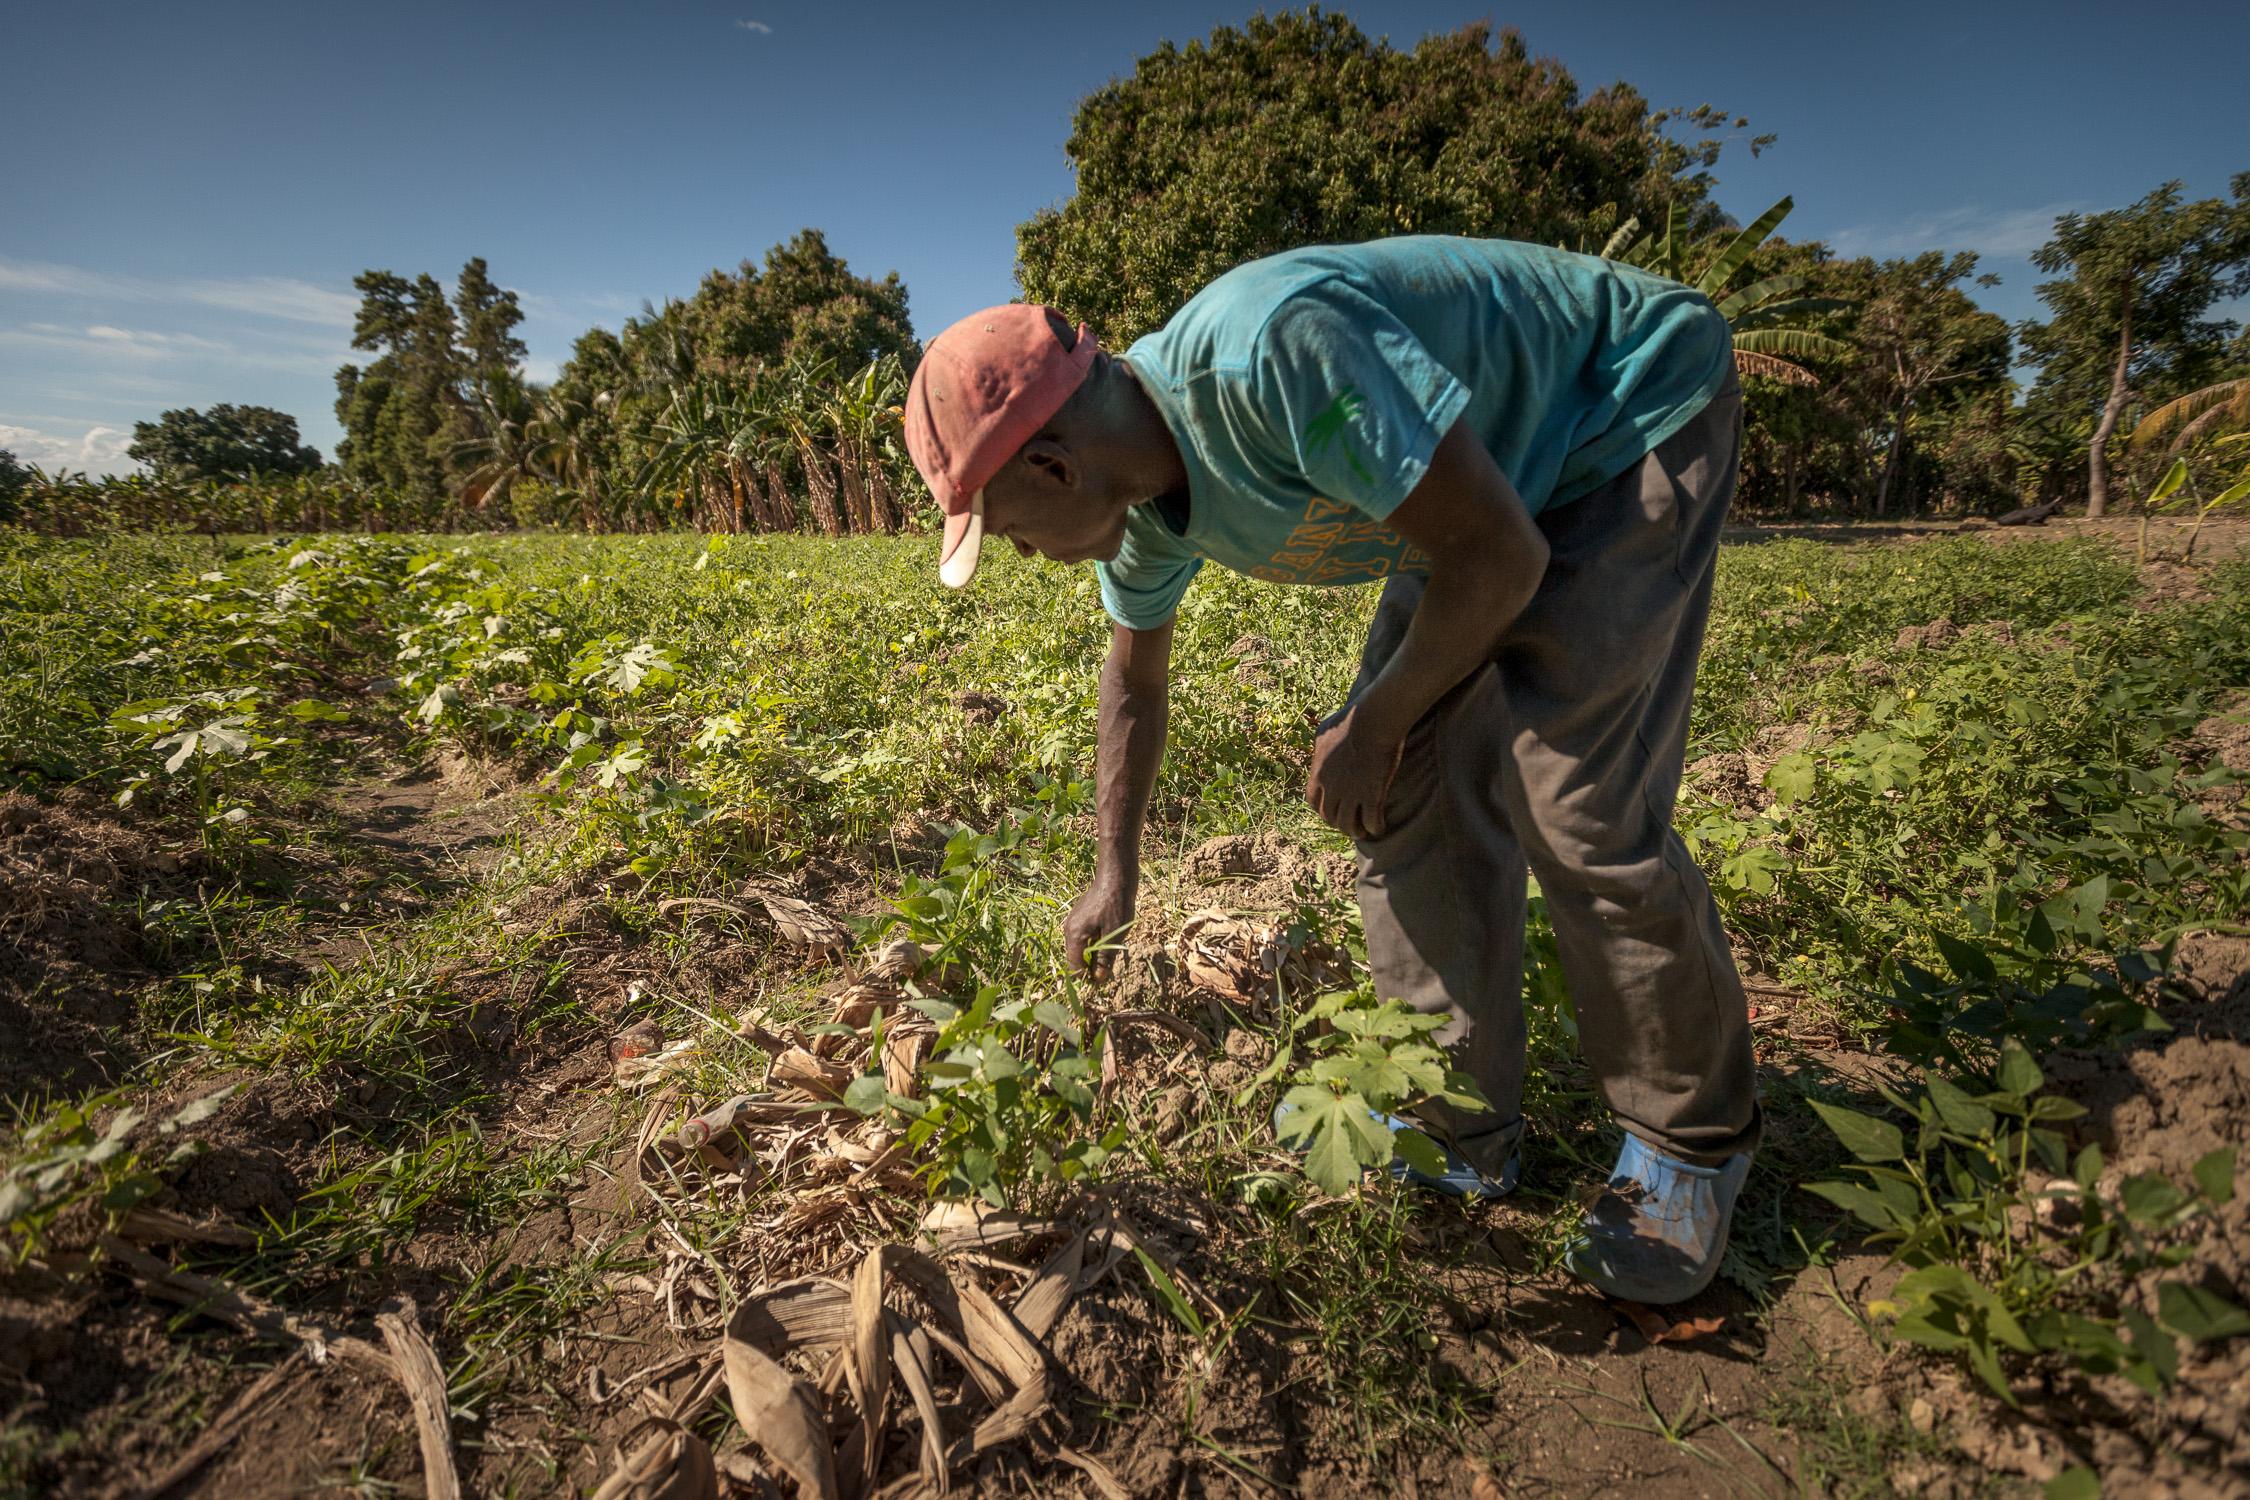 Farmer inspects crops